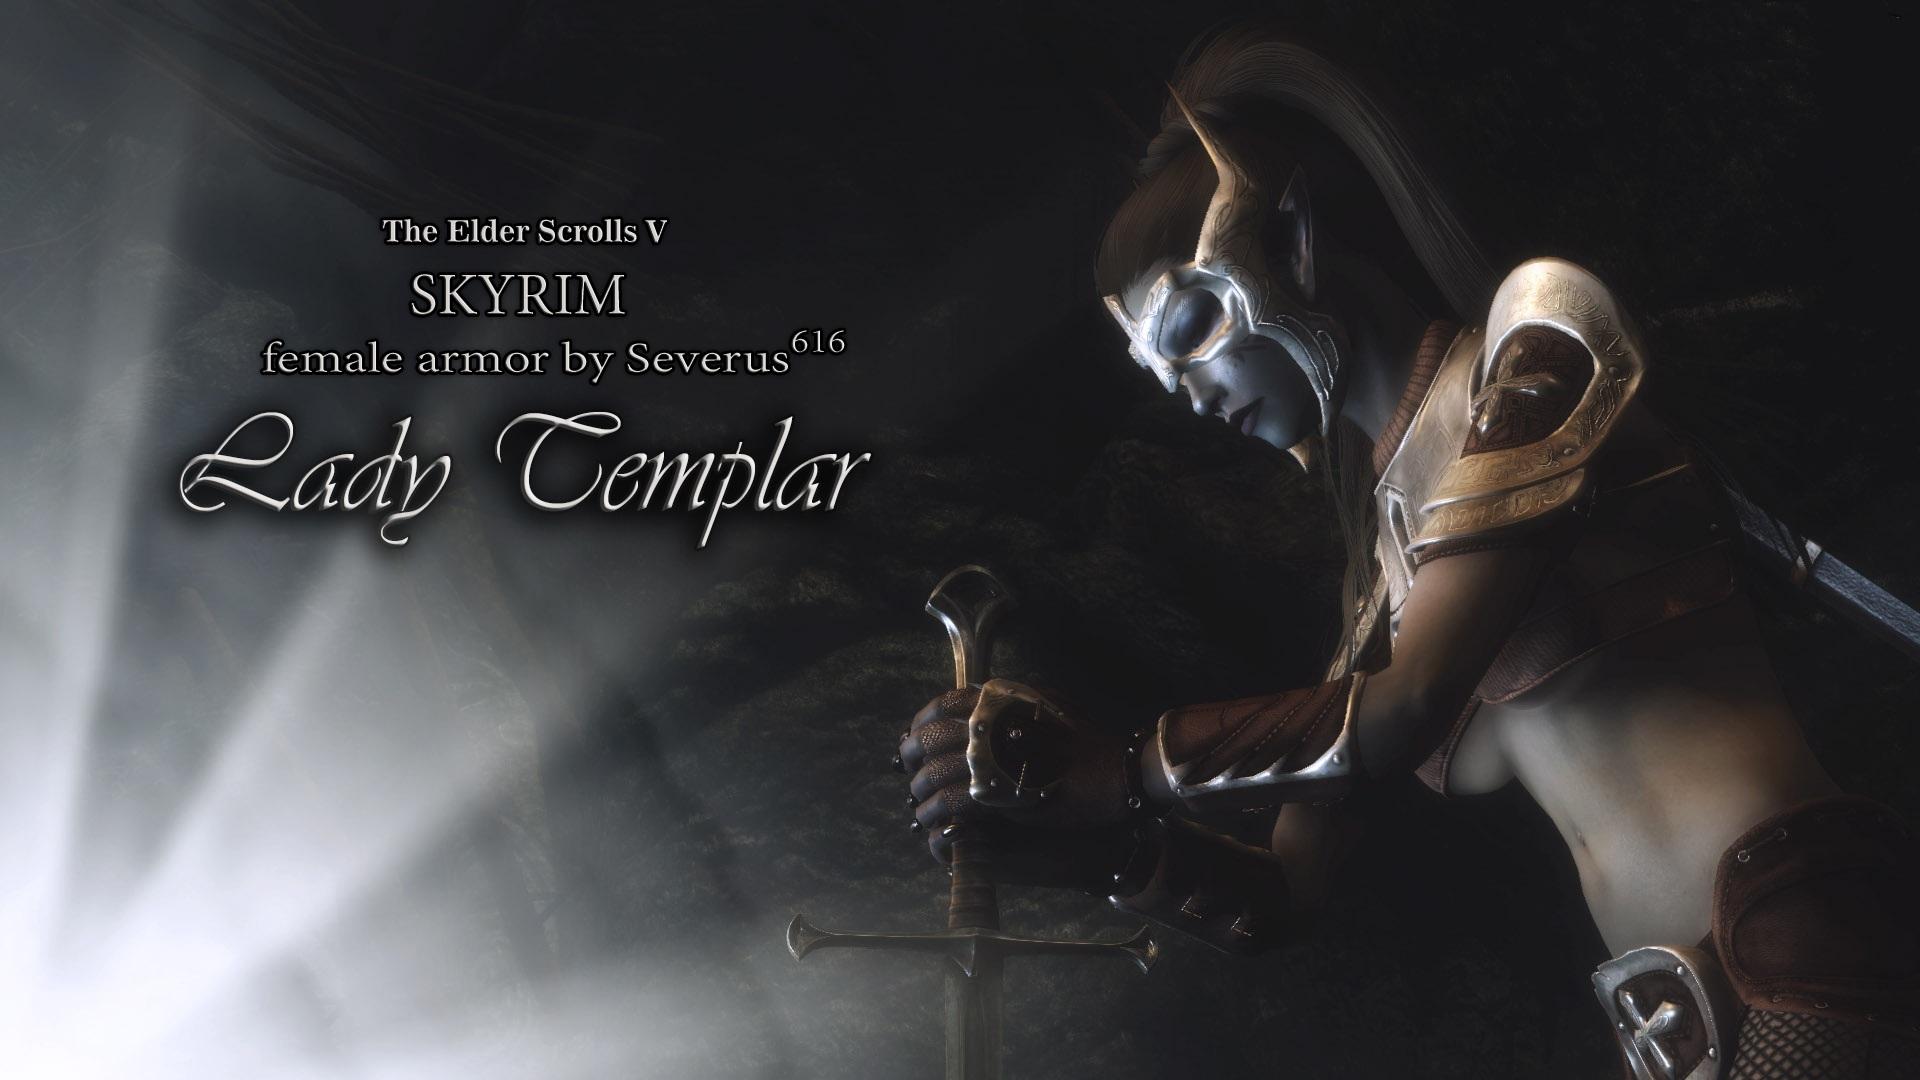 Lady_Templar.jpg